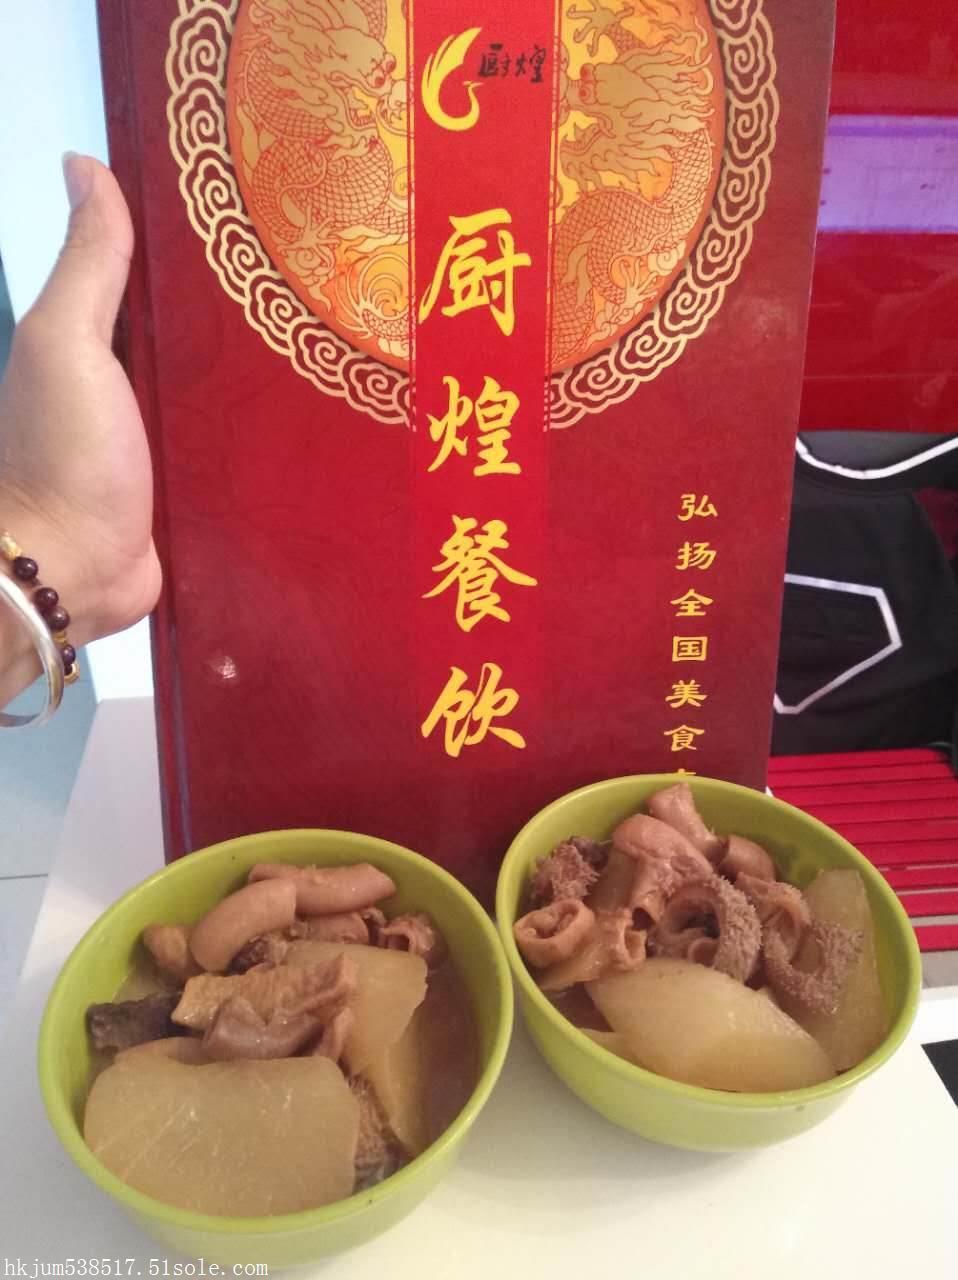 广州哪里学的萝卜牛杂好吃,厨煌小吃牛杂技术培训